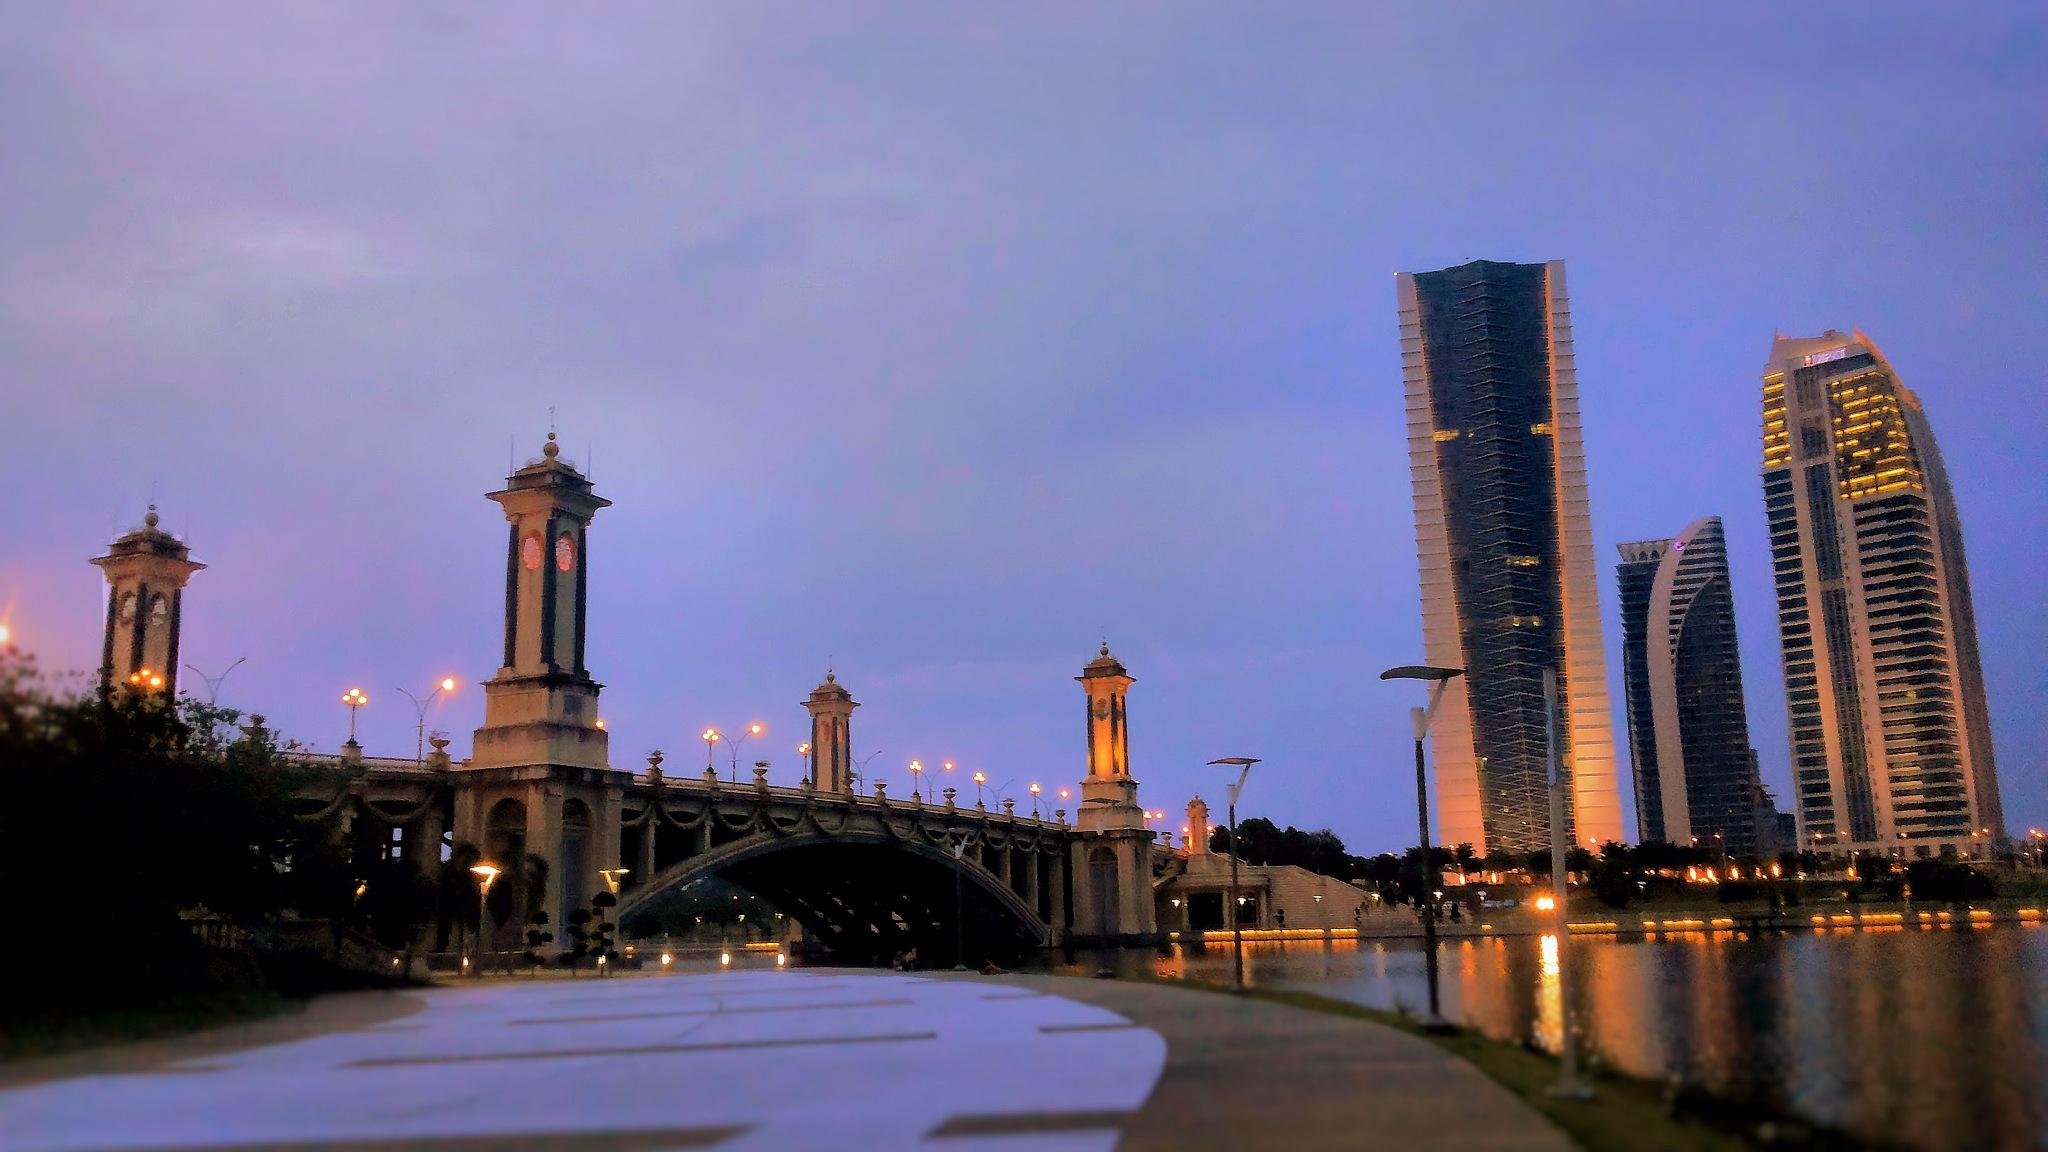 Seri Gemilang Bridge by Hanif Yusof